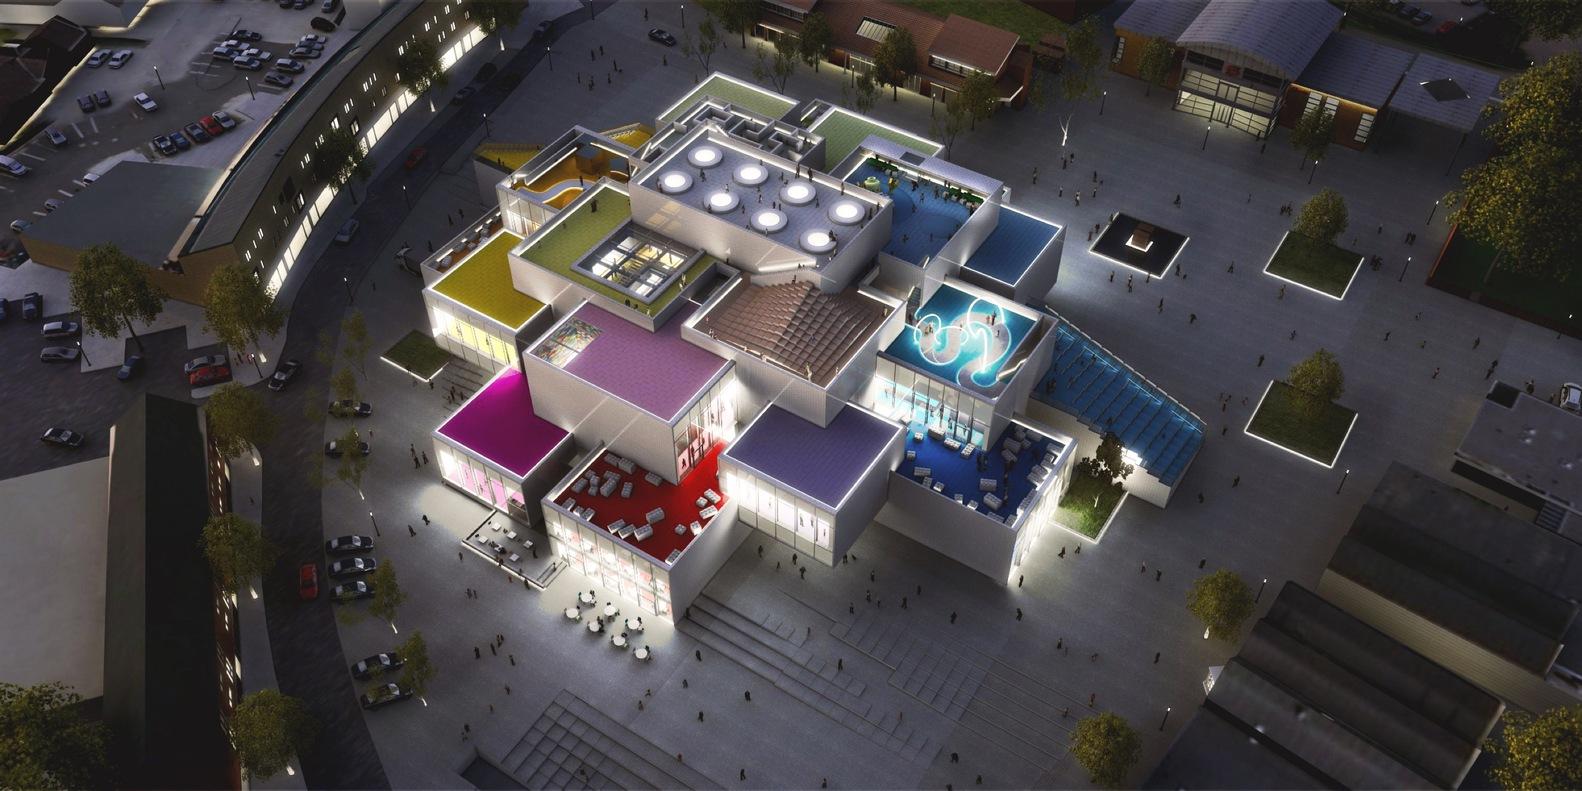 Площадь здания составит12тыс.кв. м. В нем расположатся офисы LEGO Group, атакже детский развивающий центр, которыйбудет способен принимать до250тыс. детей вгод, итематические рестораны